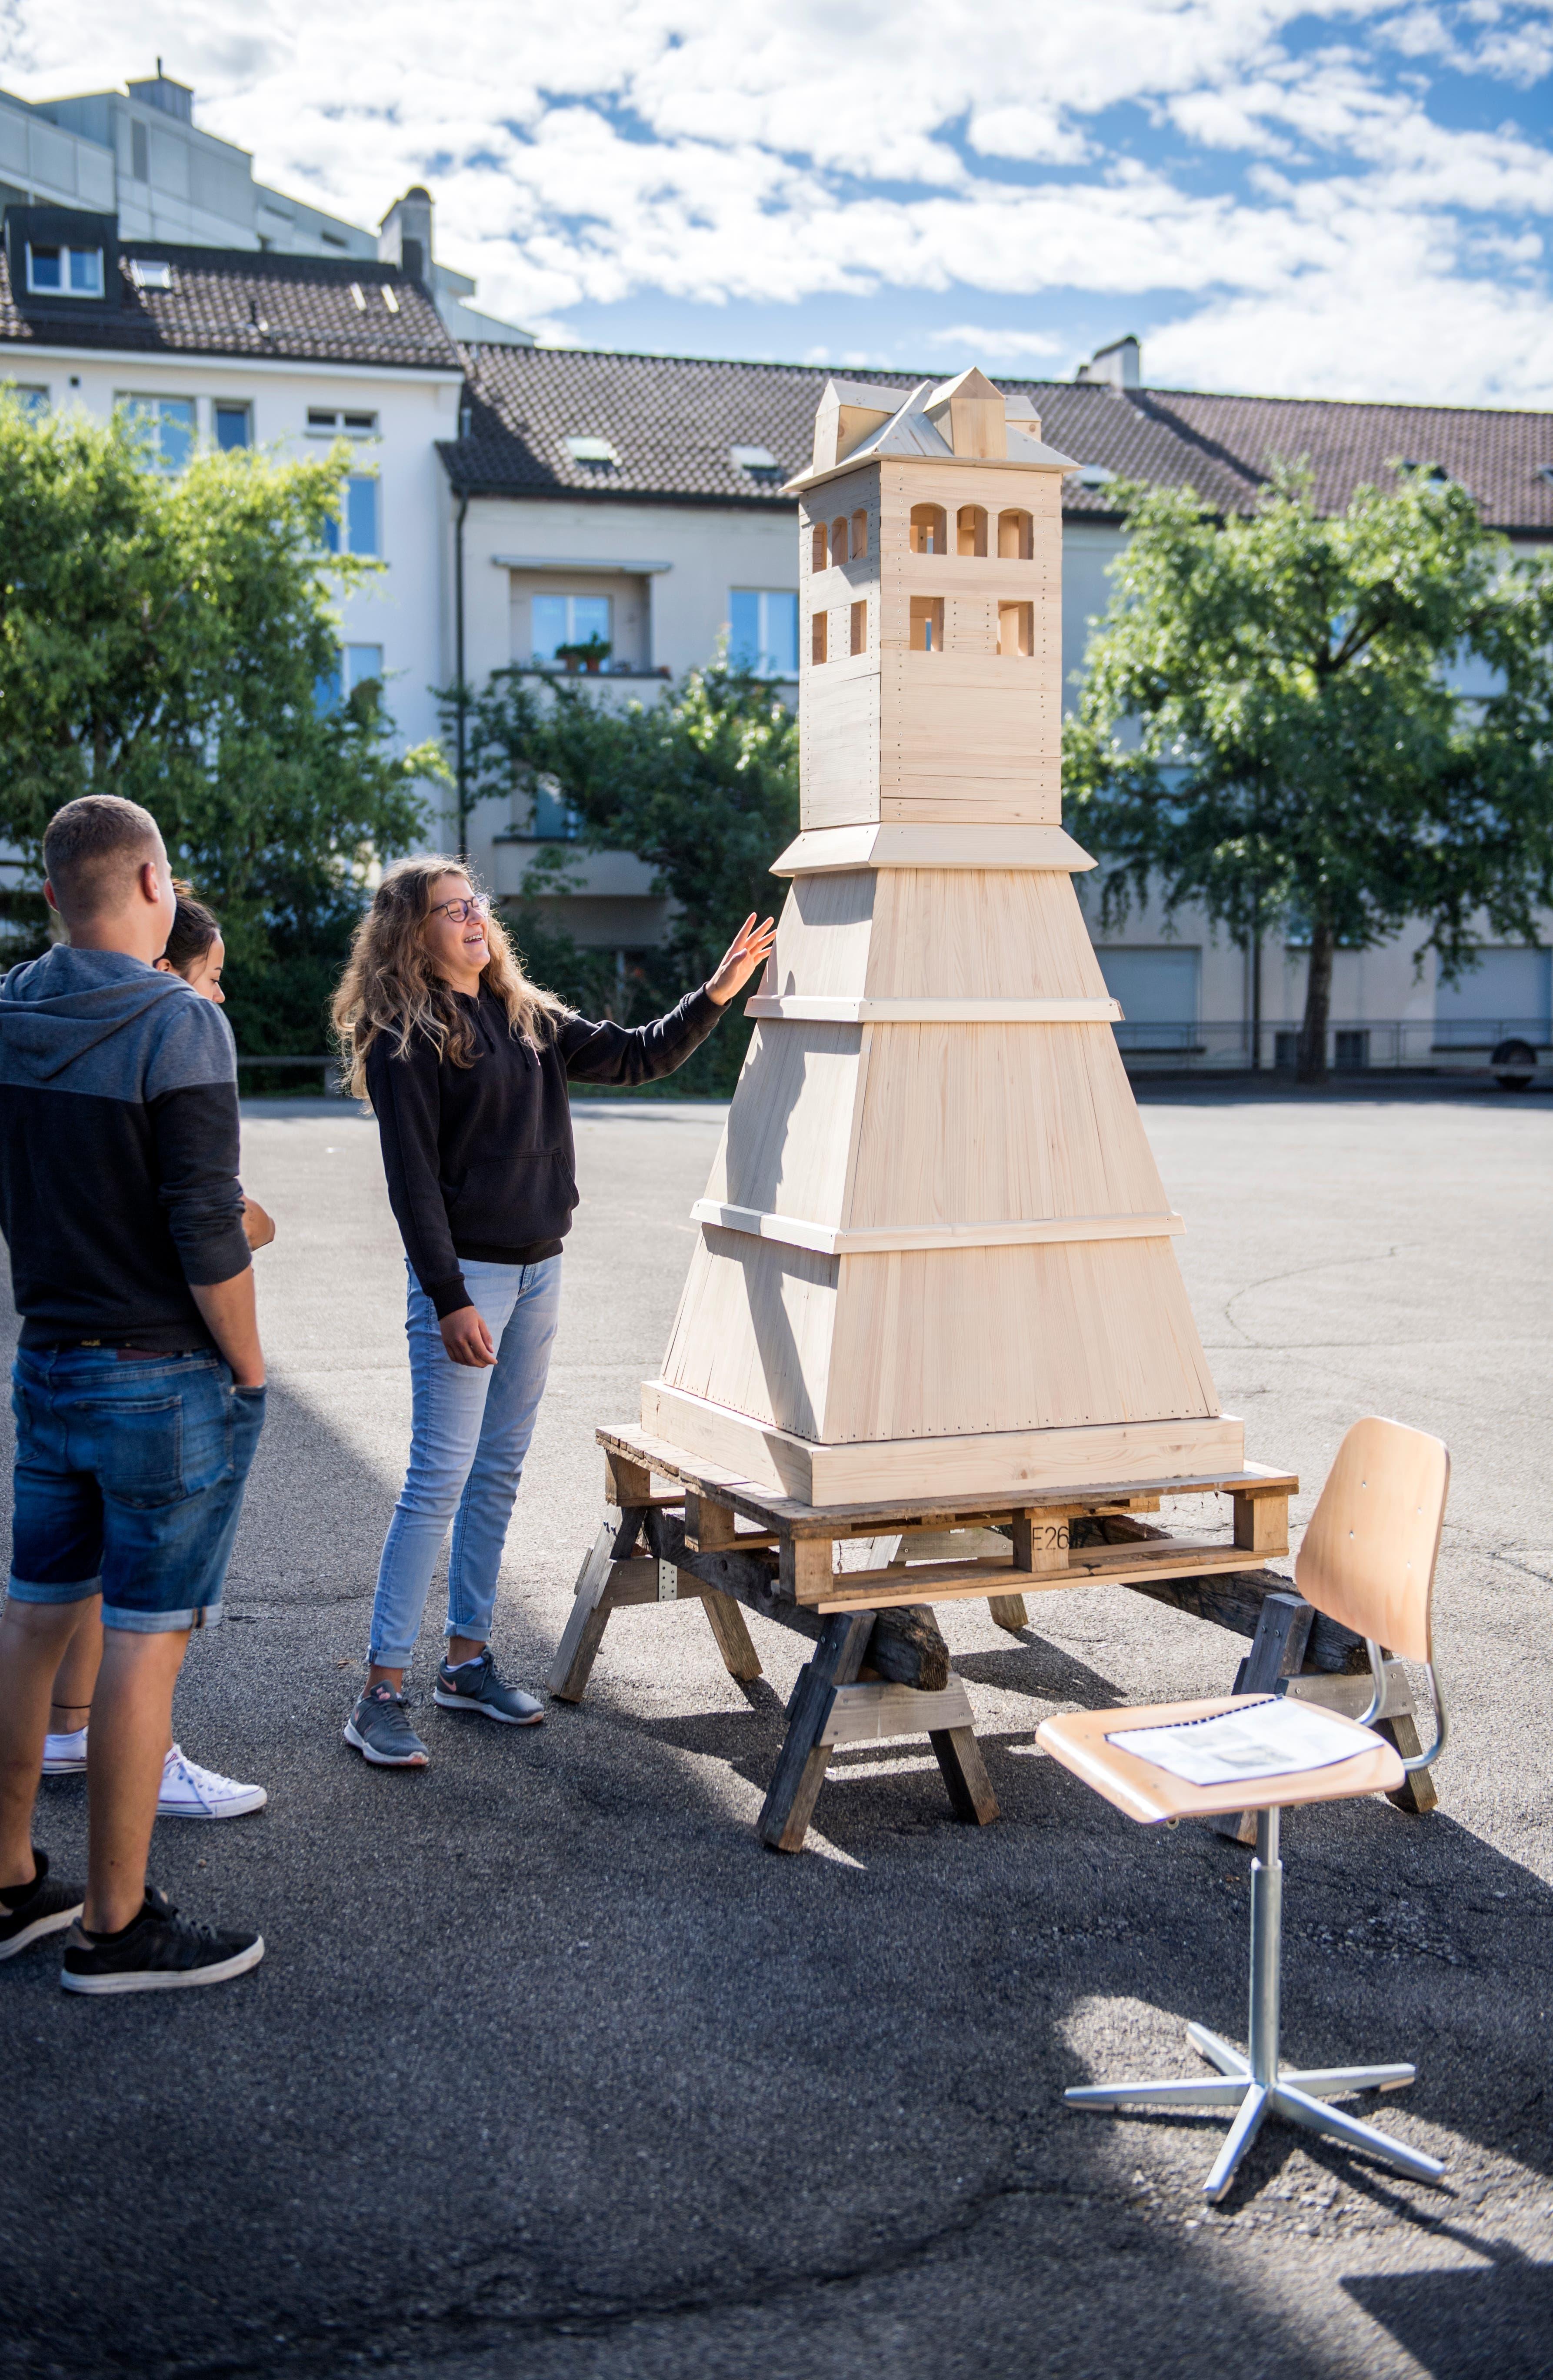 Ein Modell des alten Napoleonturms im Masstab eins zu zehn.